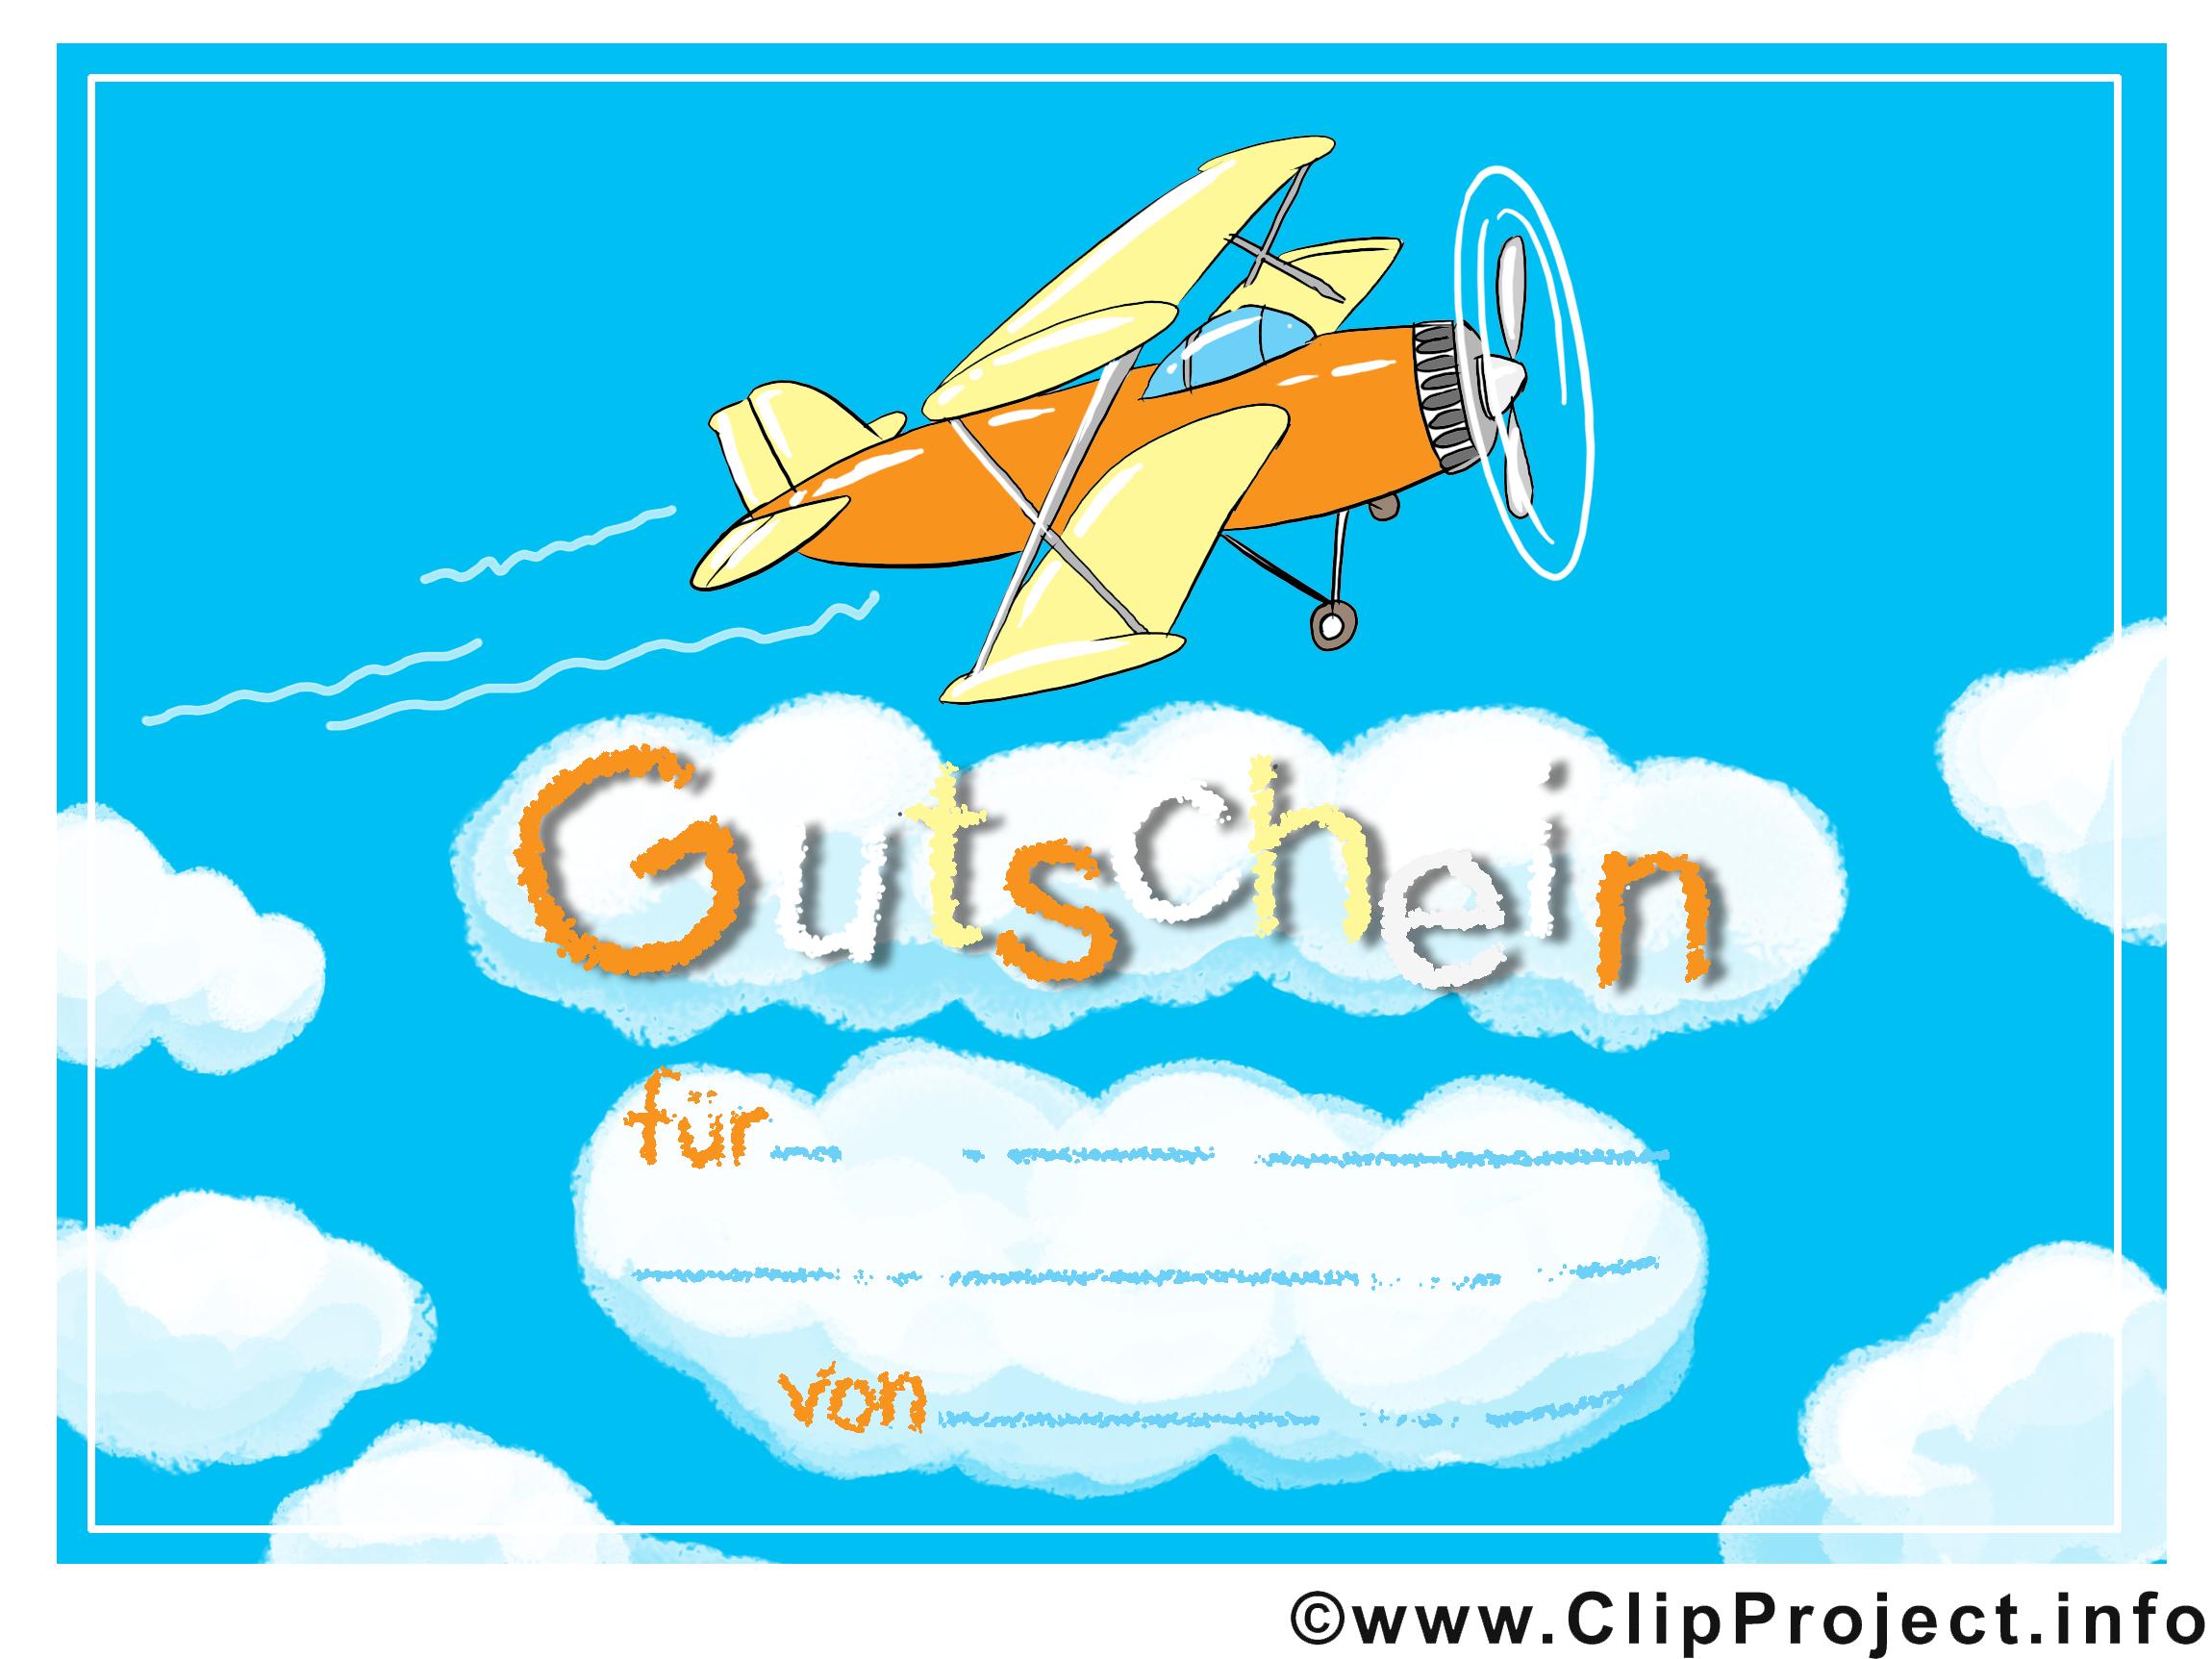 Clipart gutschein geburtstag vector royalty free Gutscheine Vorlagen Bilder, Cliparts, Cartoons, Grafiken ... vector royalty free